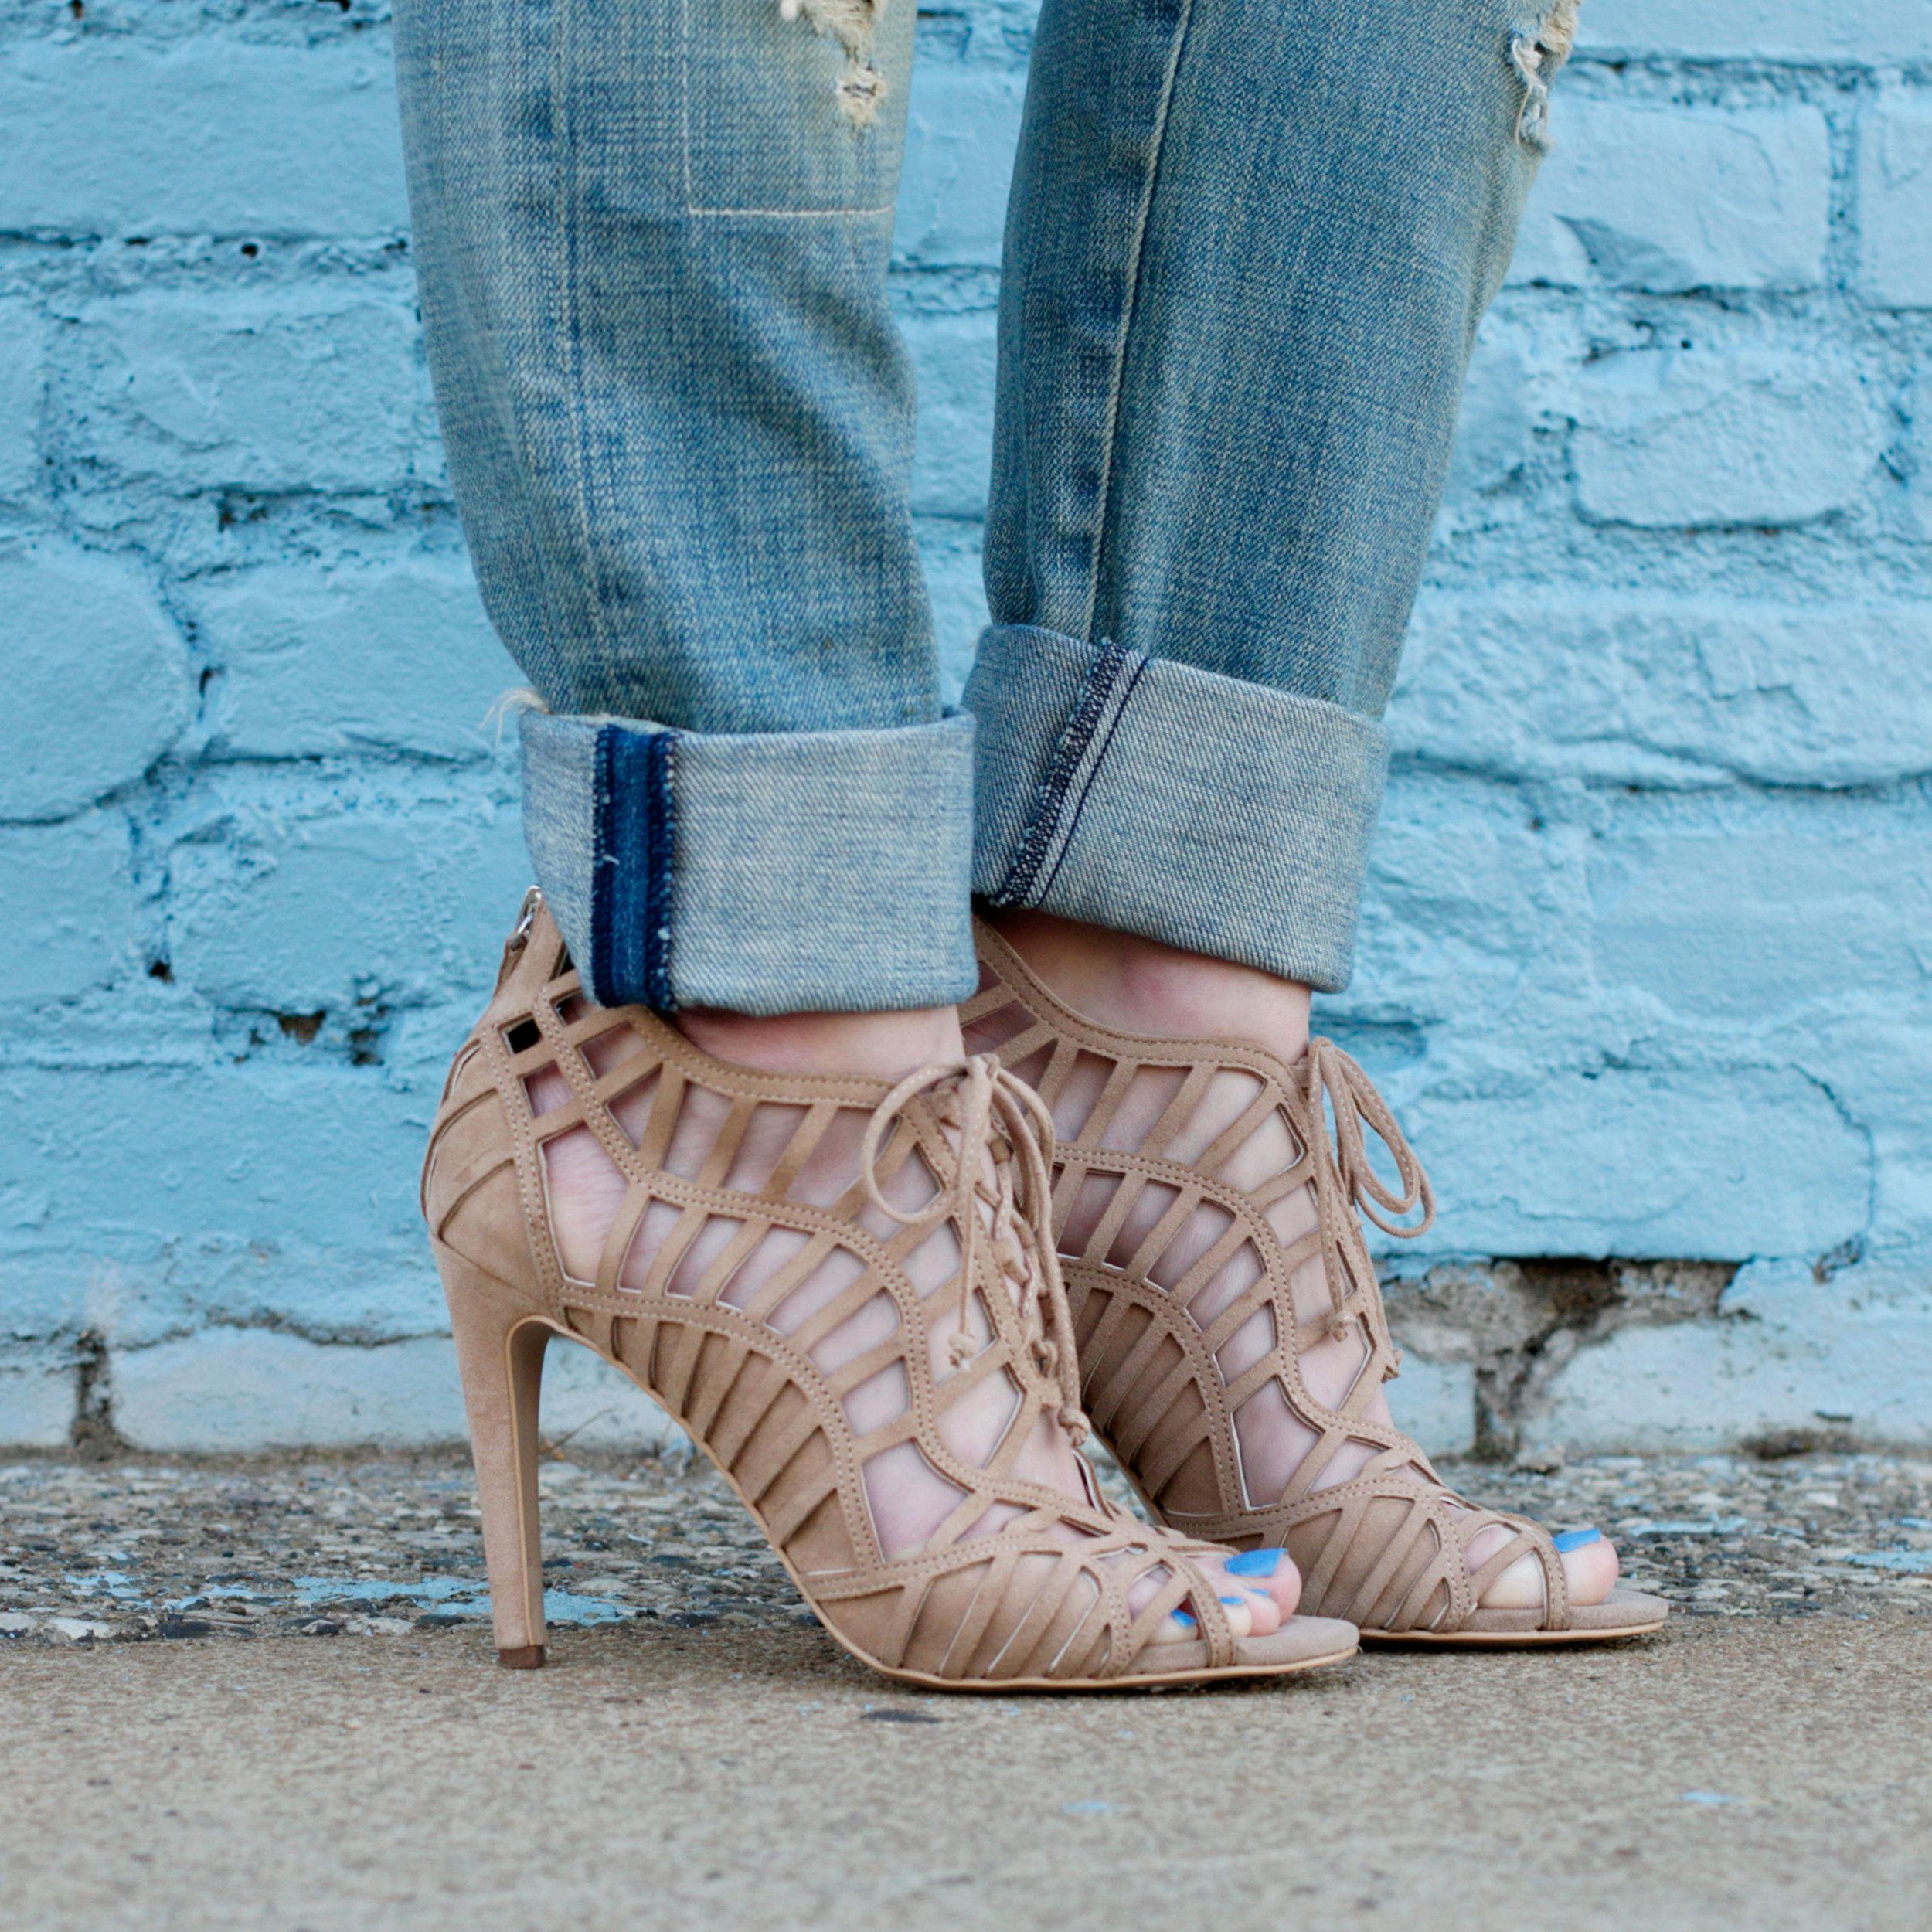 Dolce Vita Caged Heel Sandals, Nude Sandals, Current Elliott Boyfriend Jeans